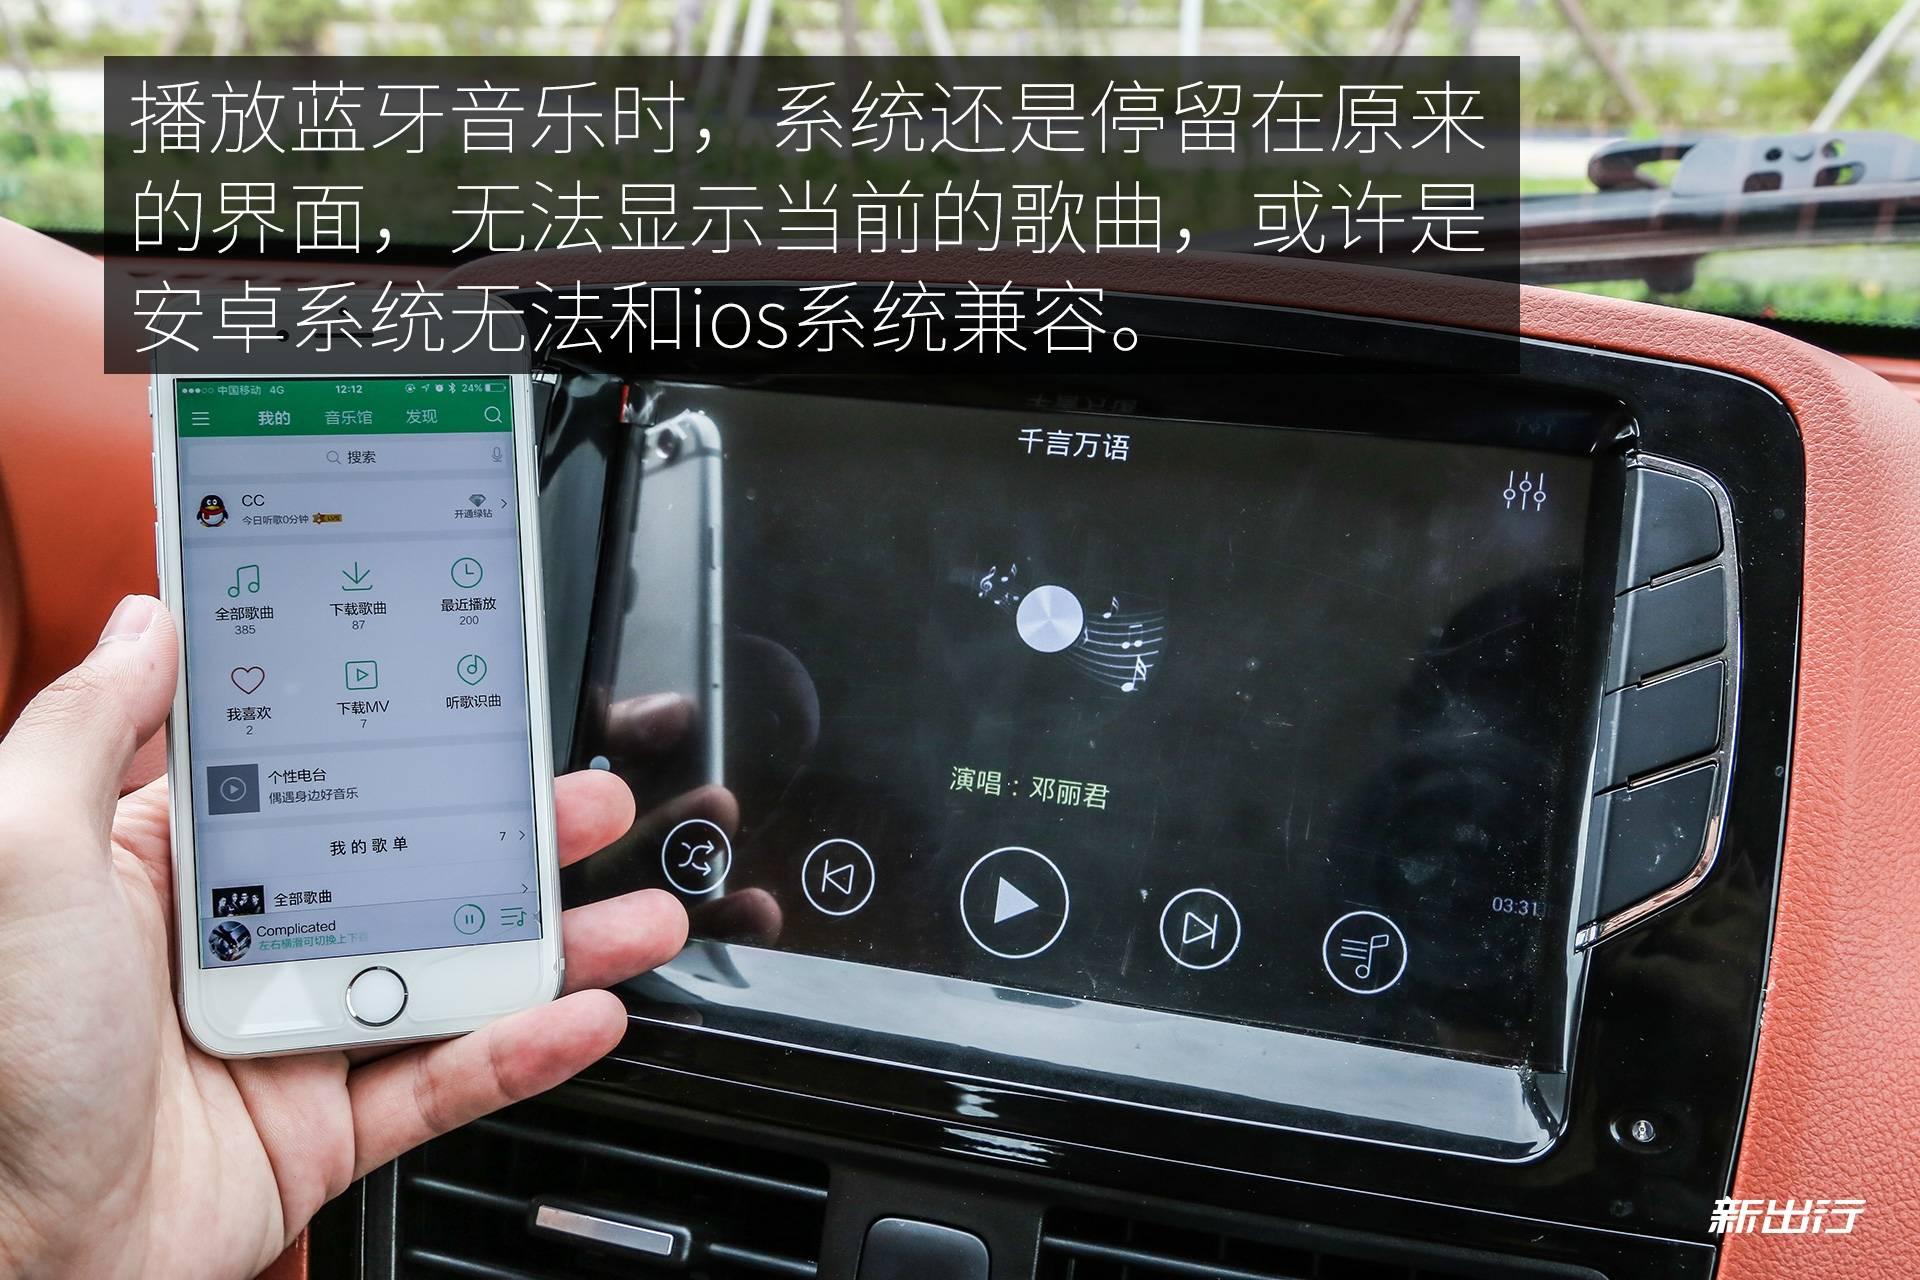 知豆 d2 实际上是可以播放手机蓝牙音乐的,连接手机蓝牙之后,打开手